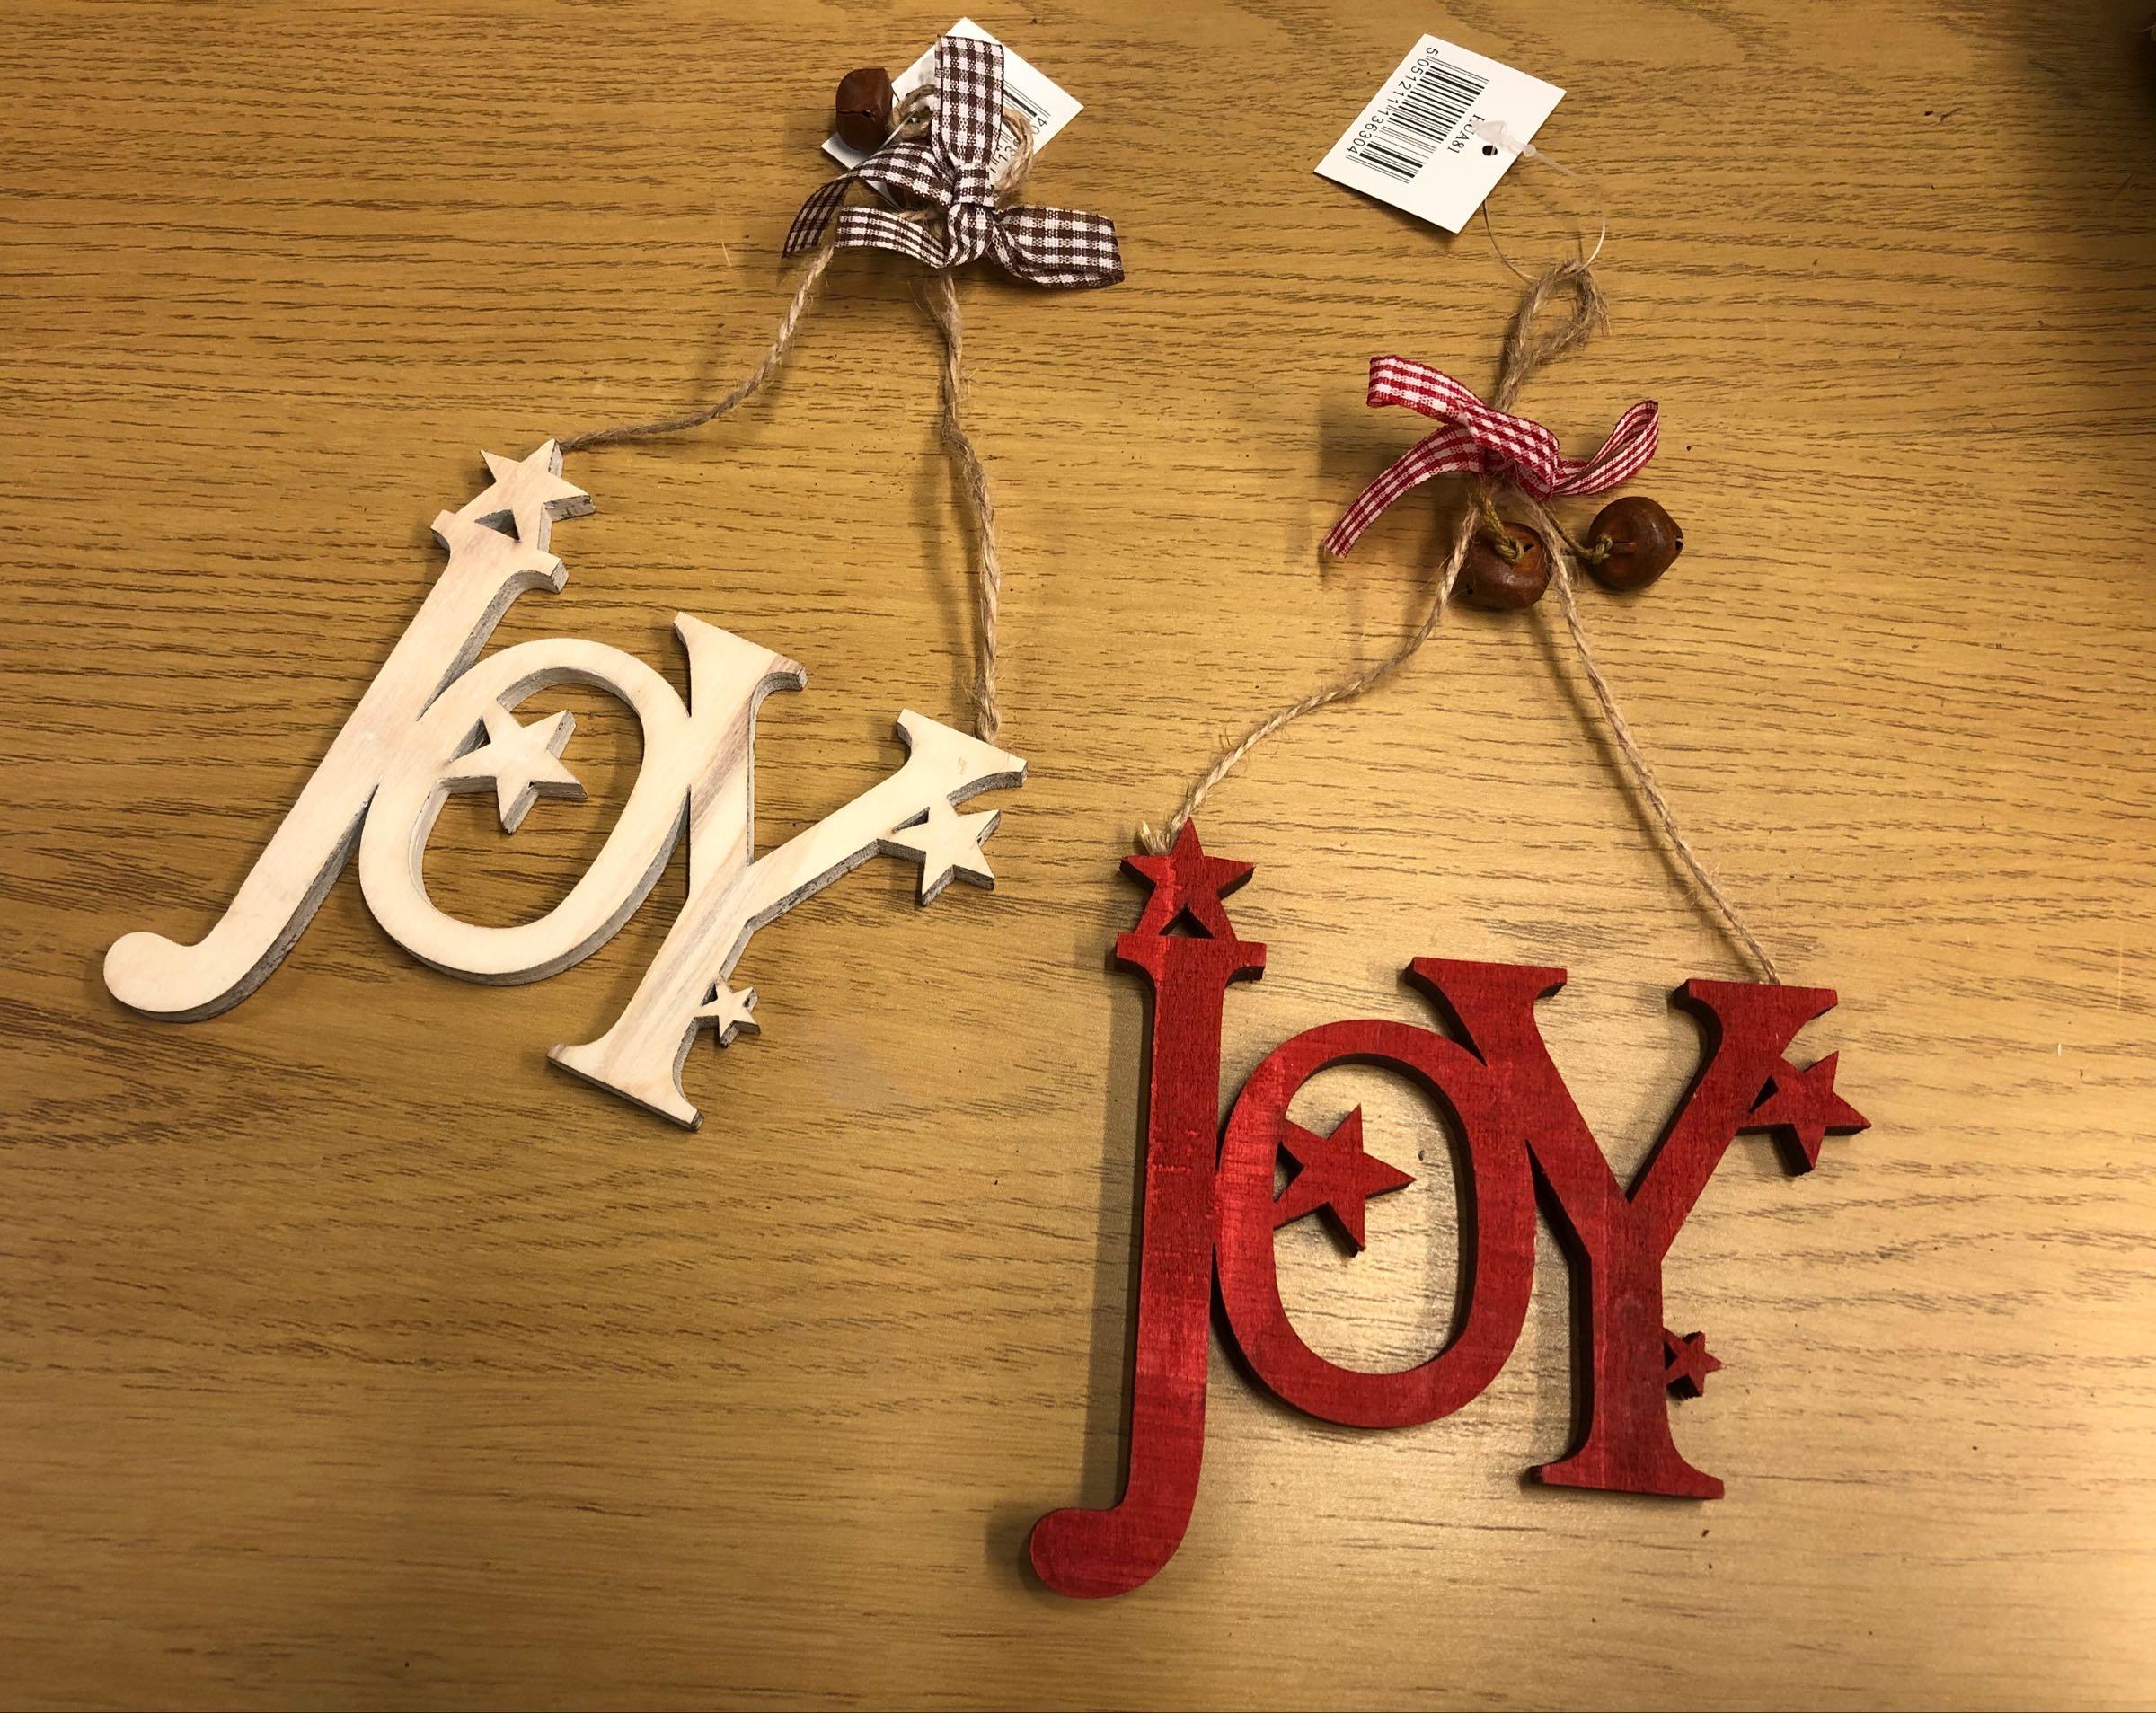 Joy decoration